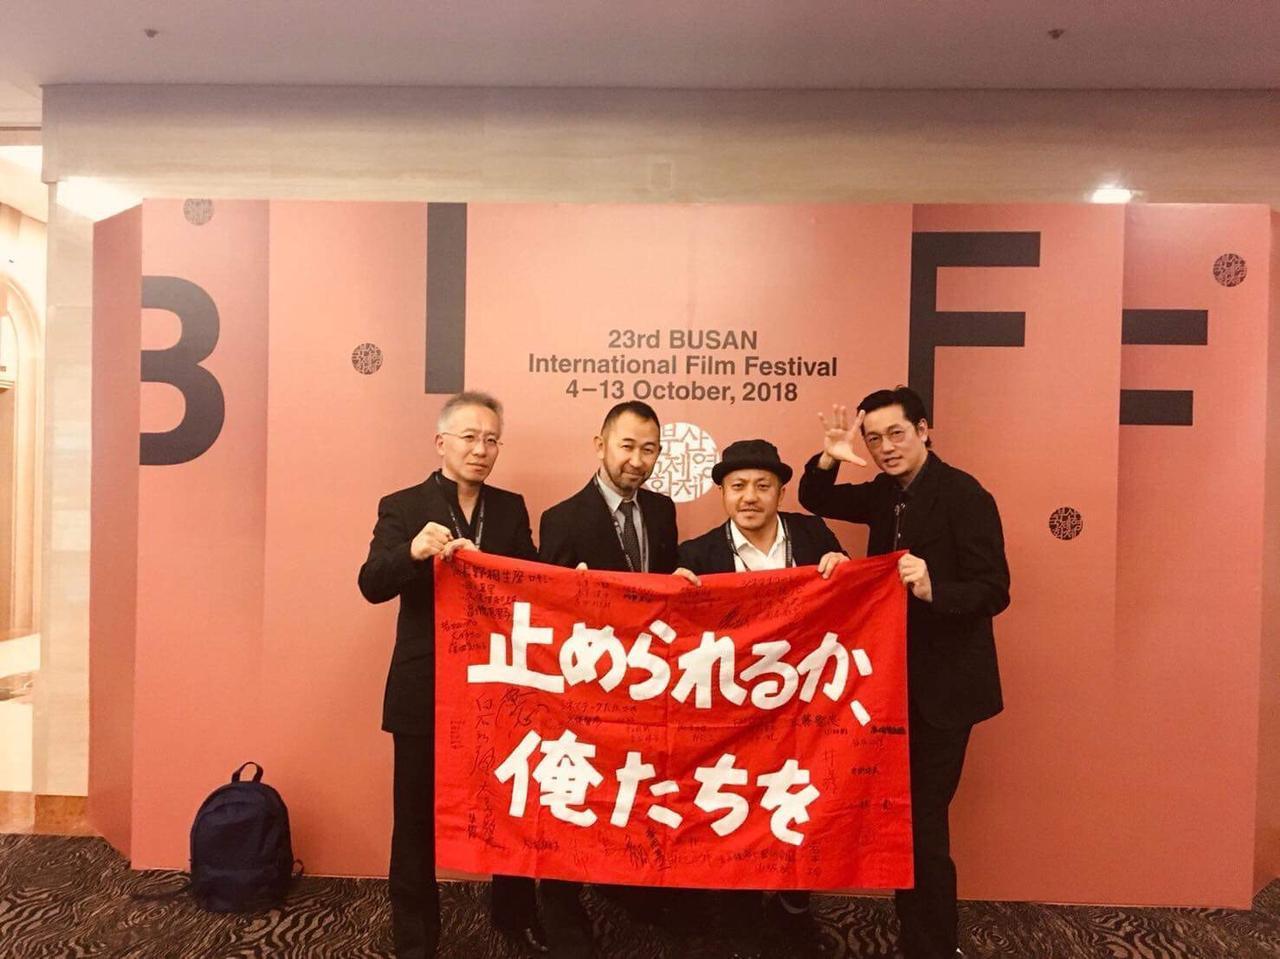 画像: ▲写真左から井上淳一(本作脚本家)、大日方教史(本作プロデューサー)、白石和彌監督、井浦新